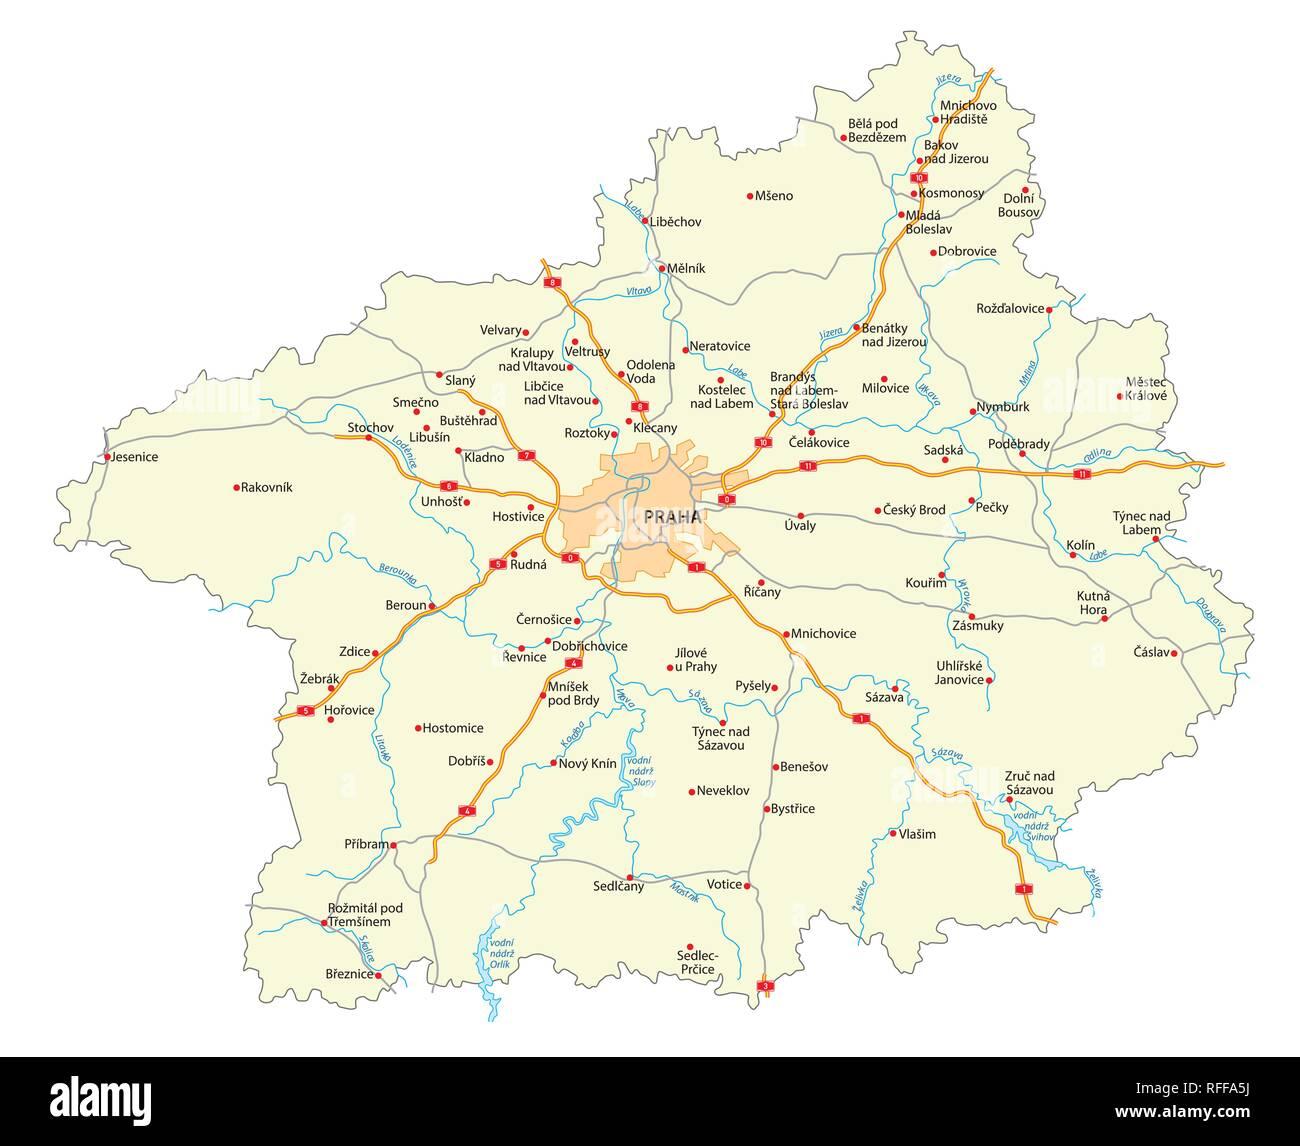 Mapa de carreteras de la región checa Stredocesky kraj (Bohemia Central) Imagen De Stock